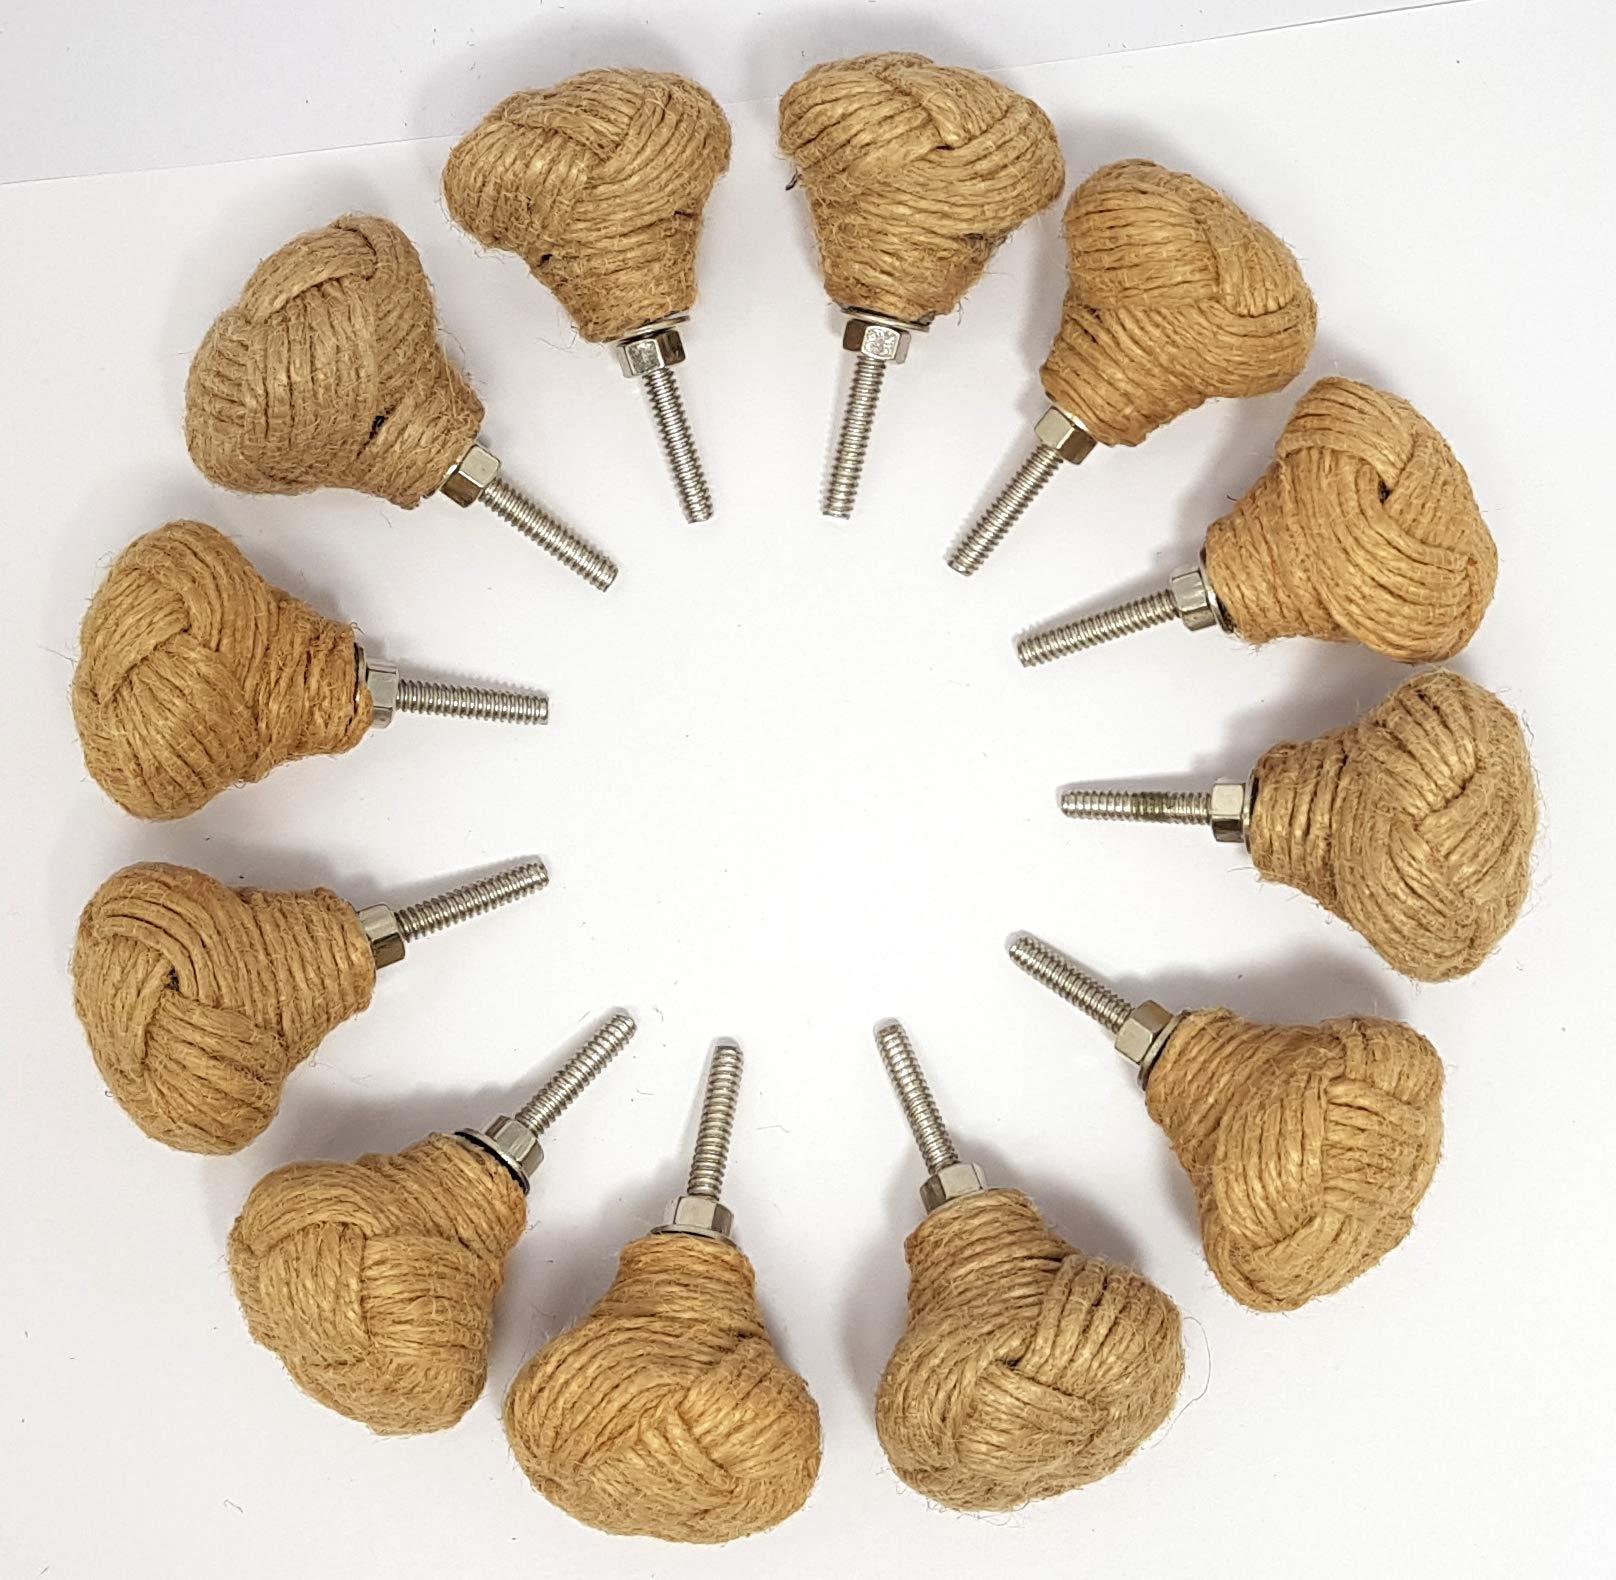 Lote de 12 pomos de cuerda de yute para estantería y cajón (6 pares).: Amazon.es: Hogar